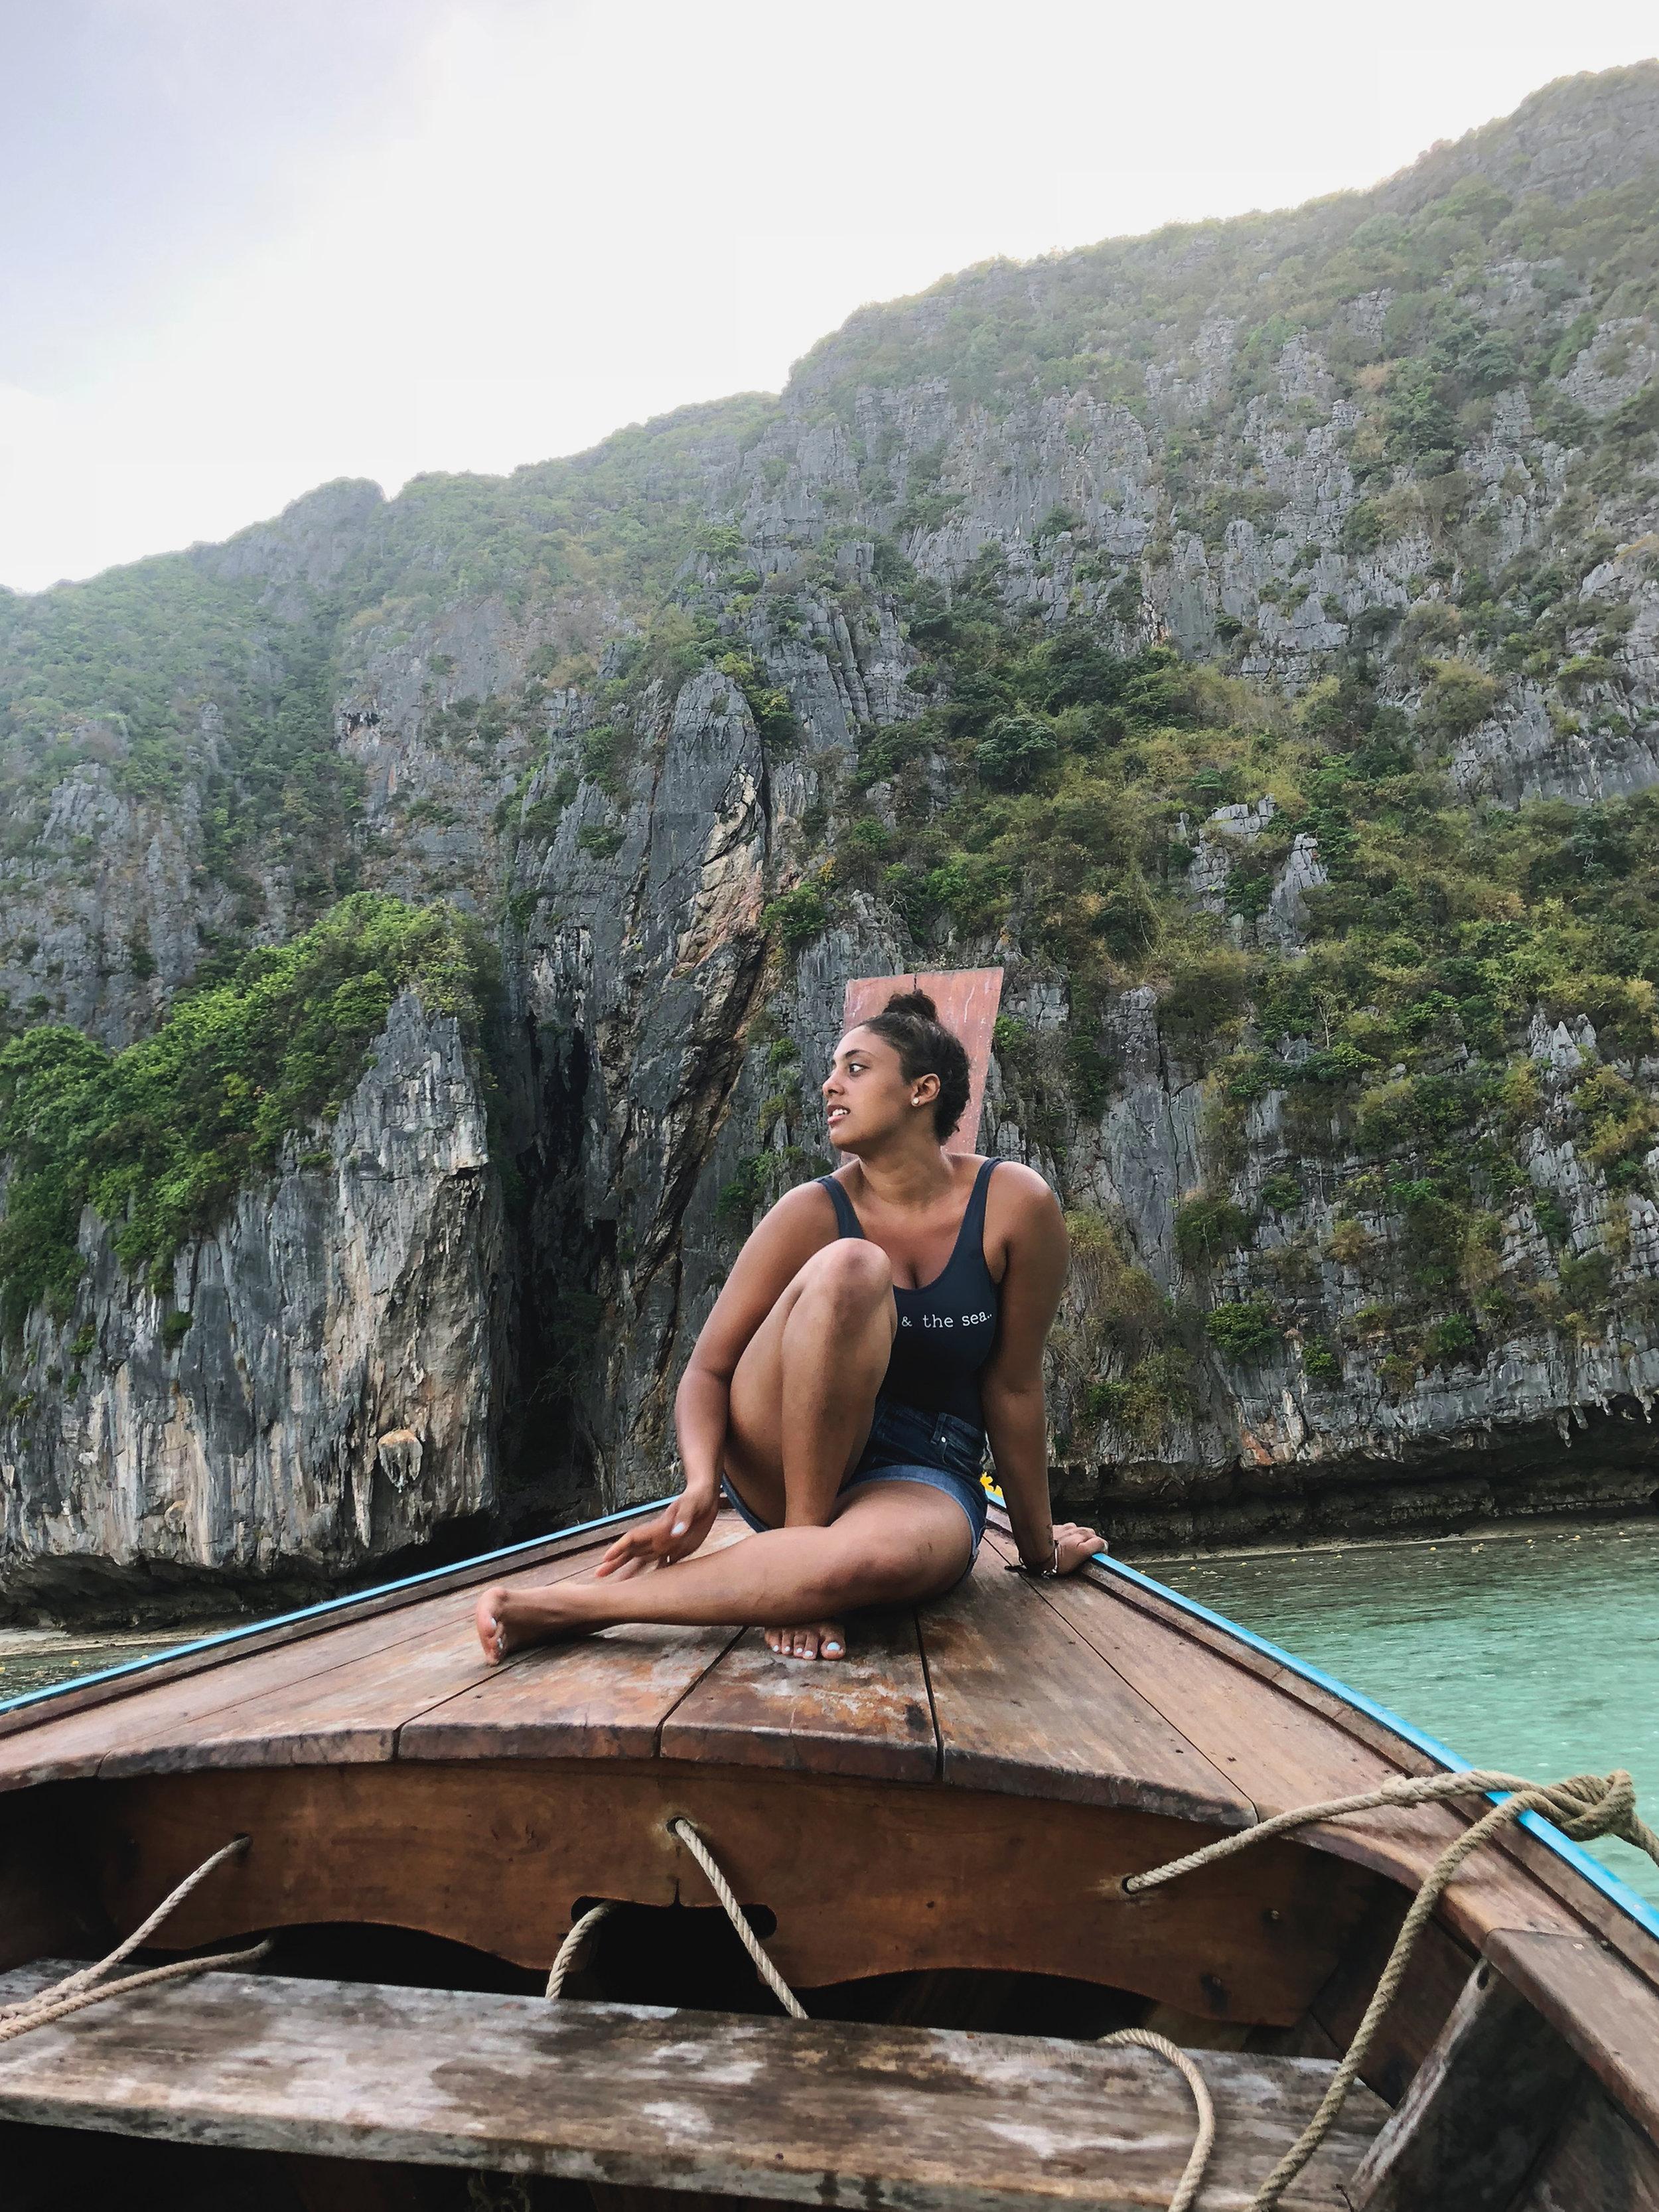 Gisela_Thailand_2.1.jpg